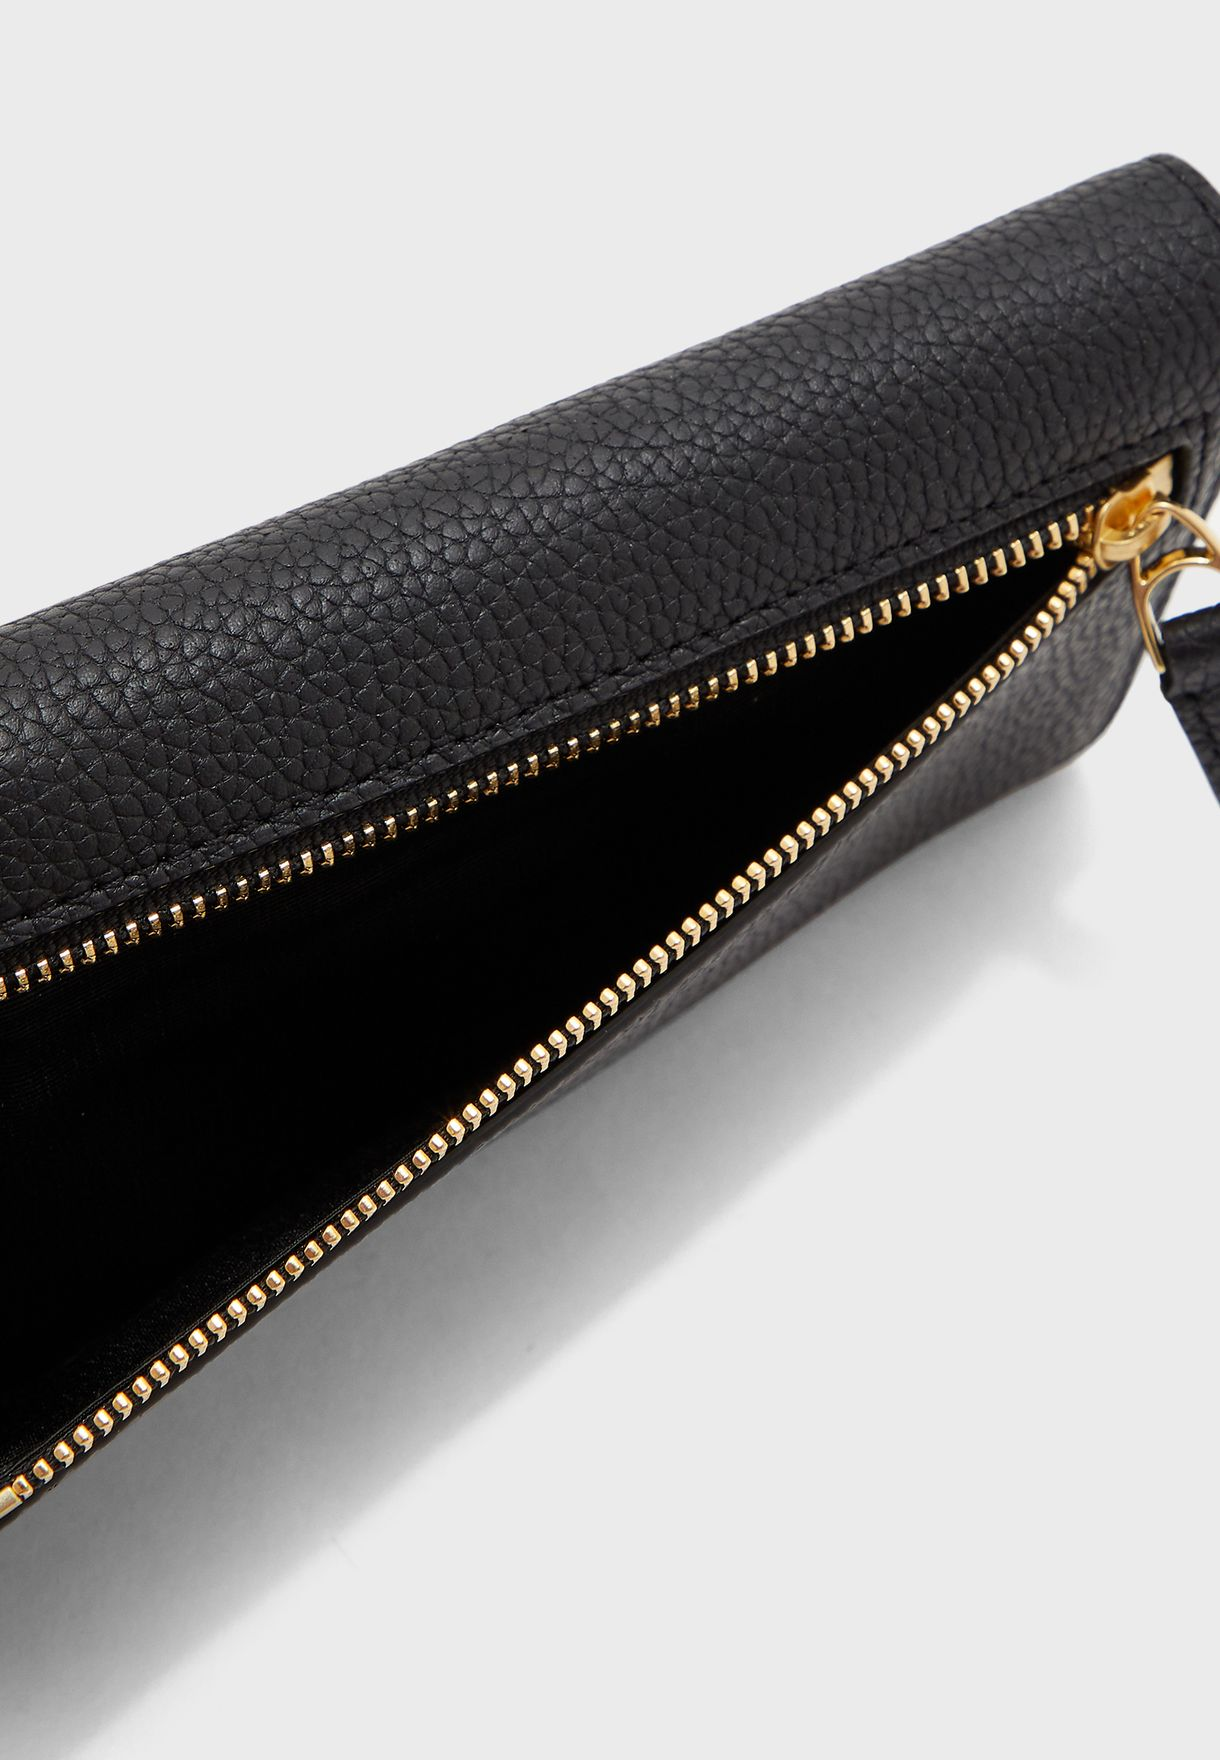 حقيبة نسائية متوسطة الحجم بشعار الماركة